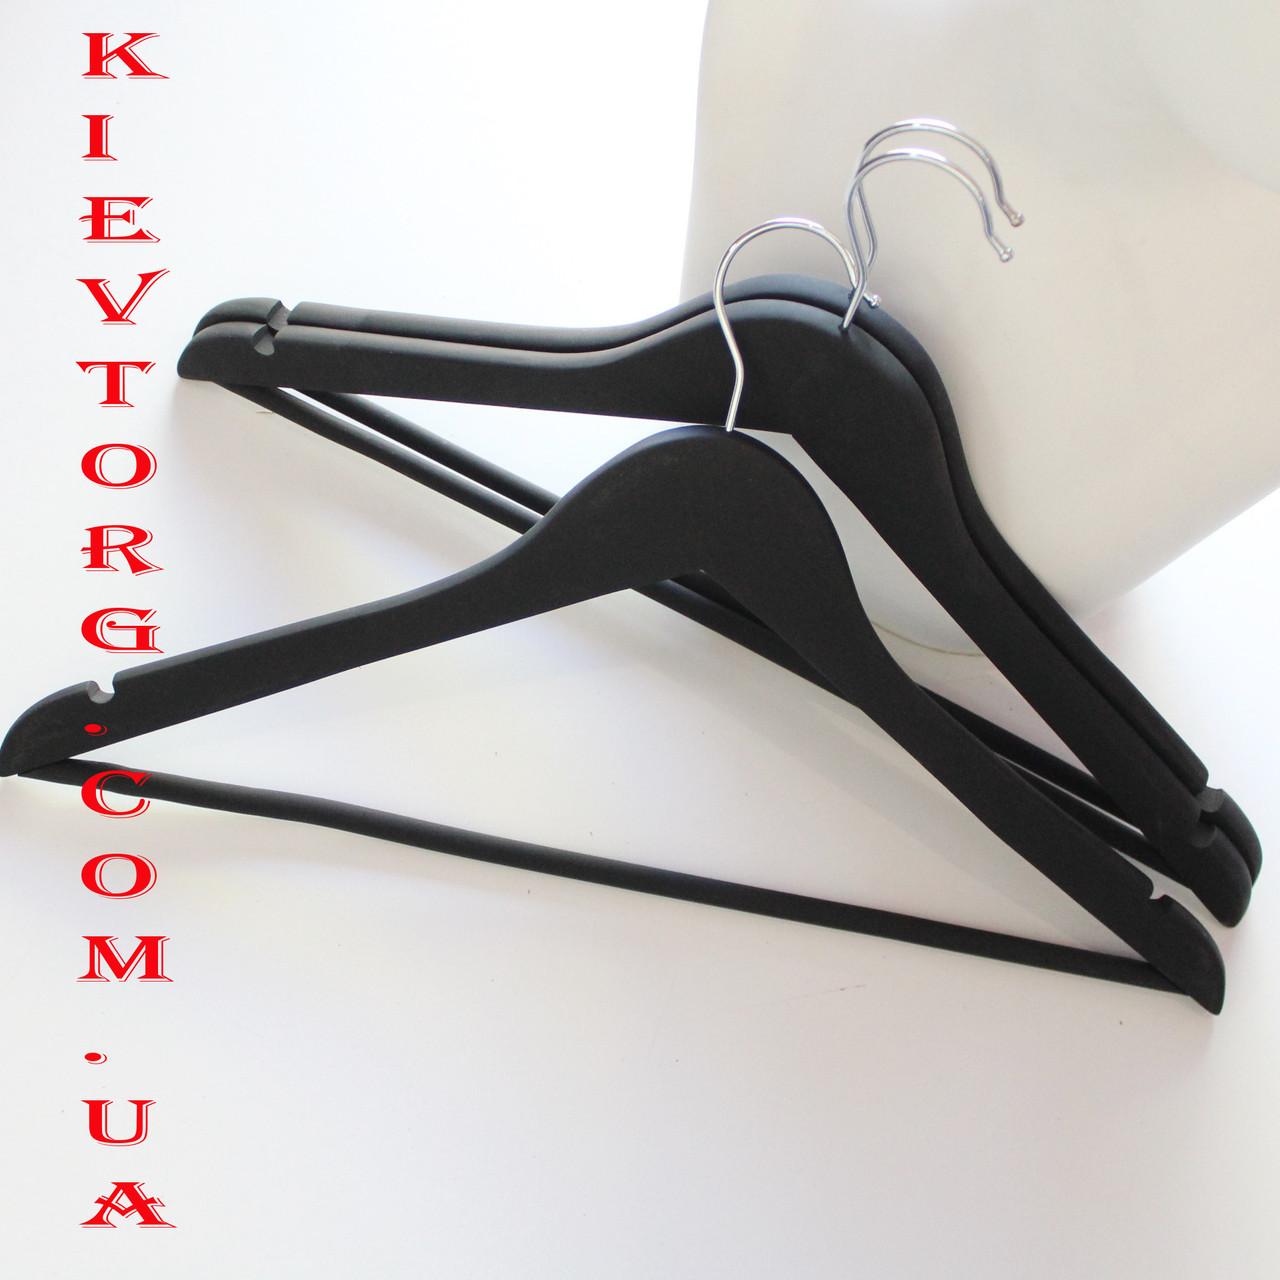 Набор вешалок тремпелей плечиков деревянных для одежды soft-touch (прорезиненных) черных, 44 см, 3 шт